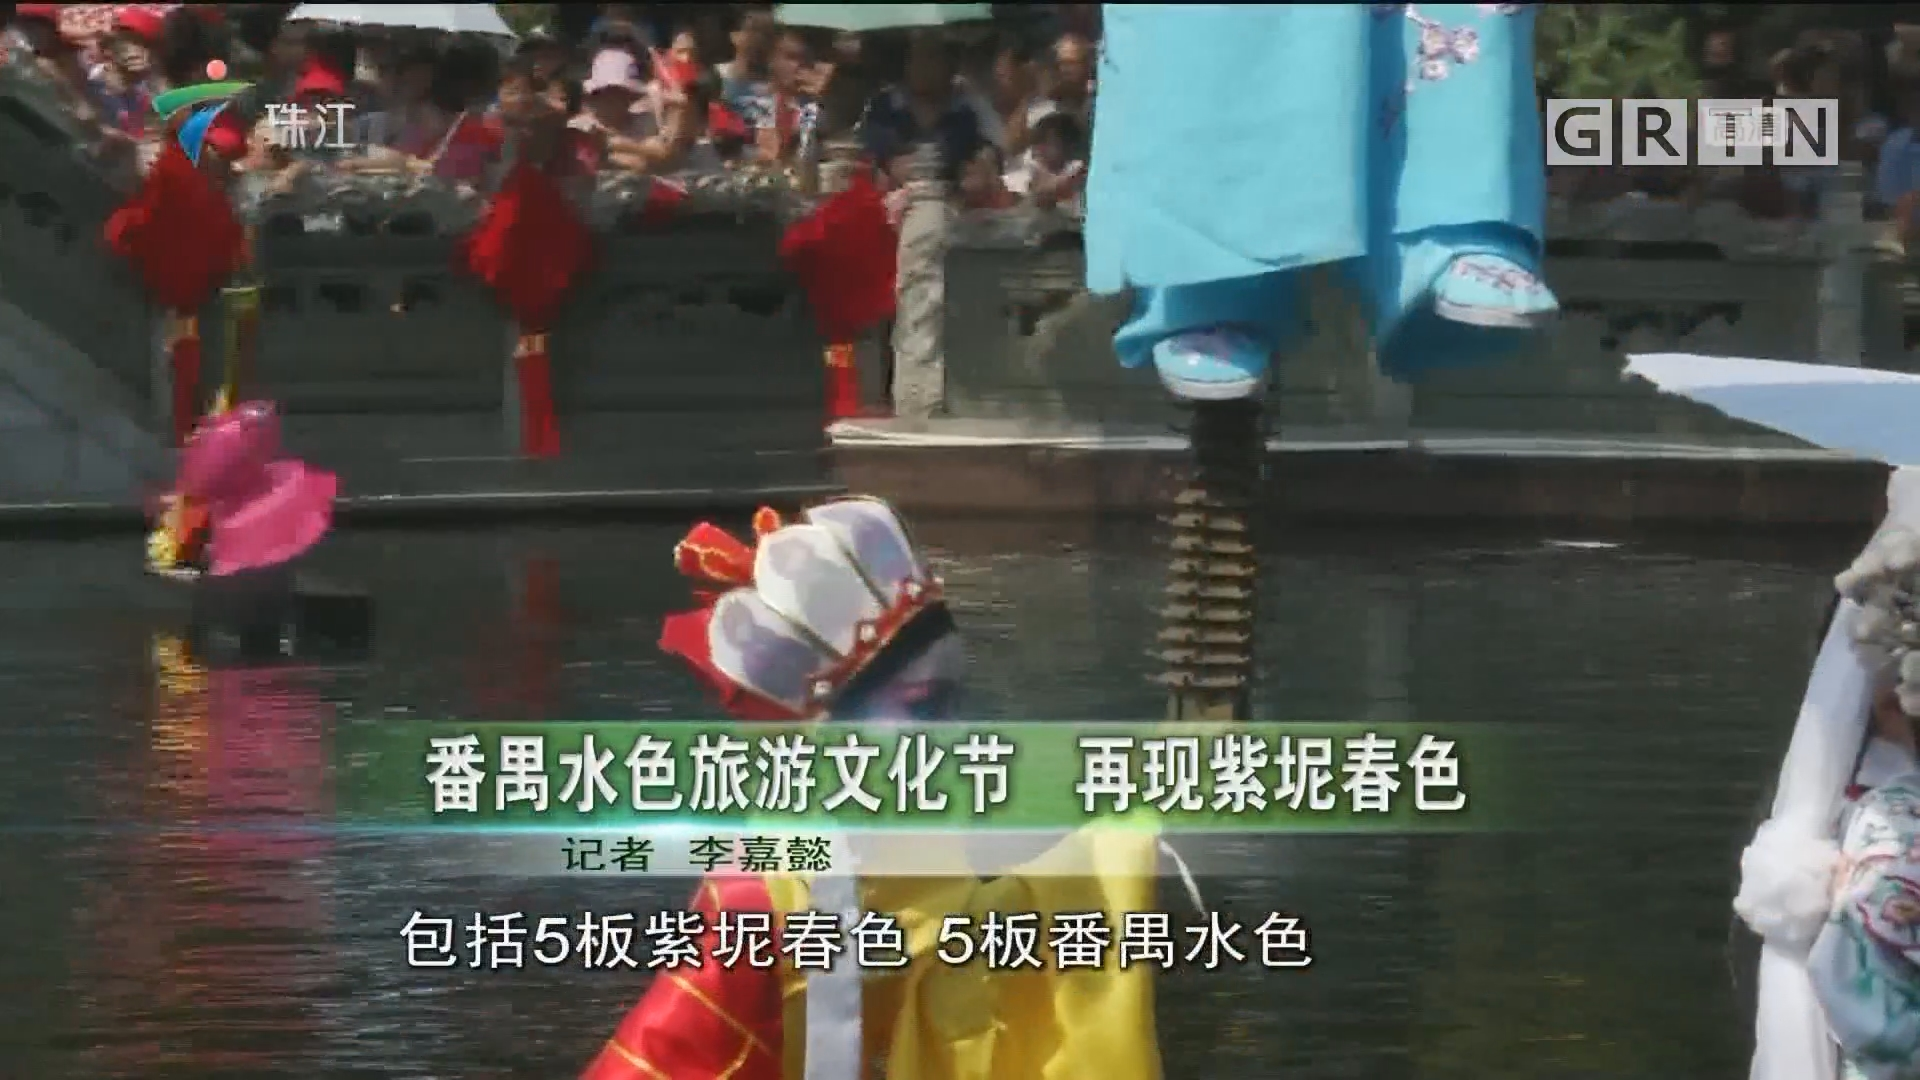 番禺水色旅游文化节 再现紫垢春色